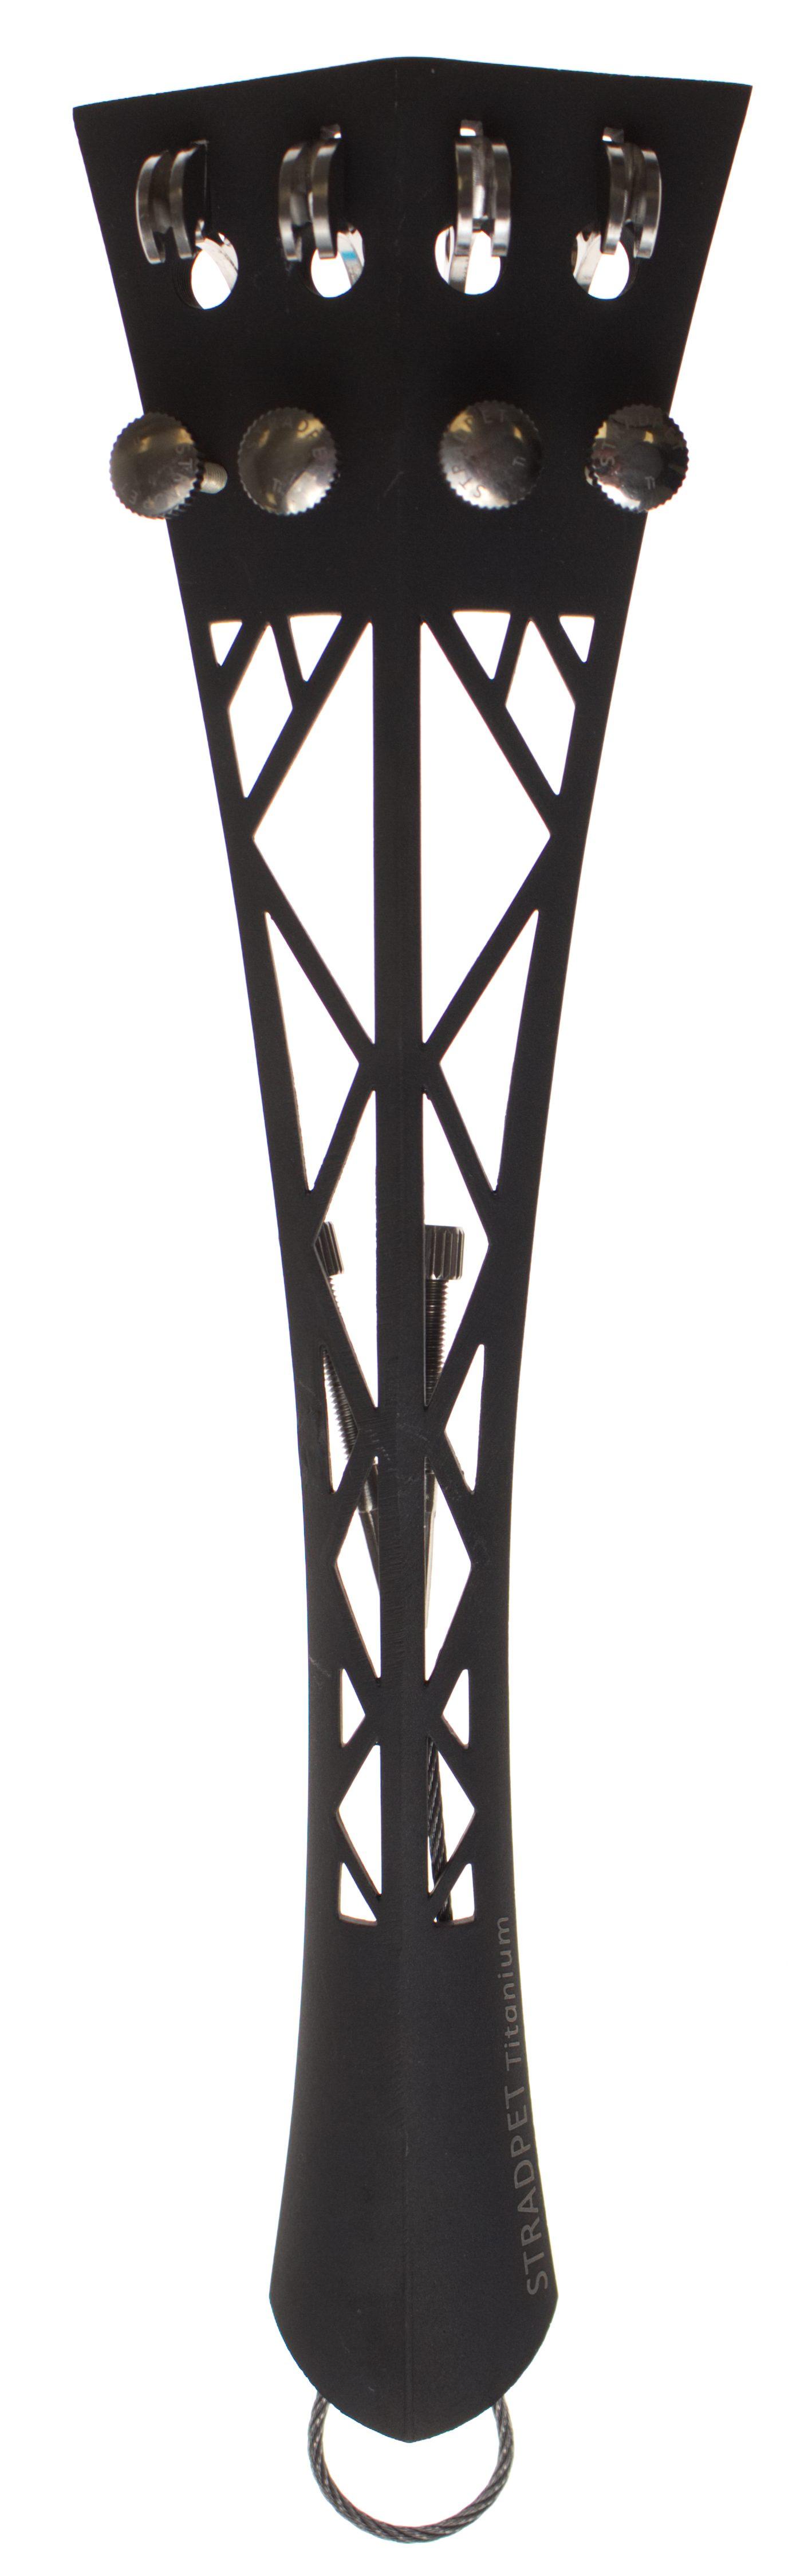 Stradpet Titanium Cello Tailpiece